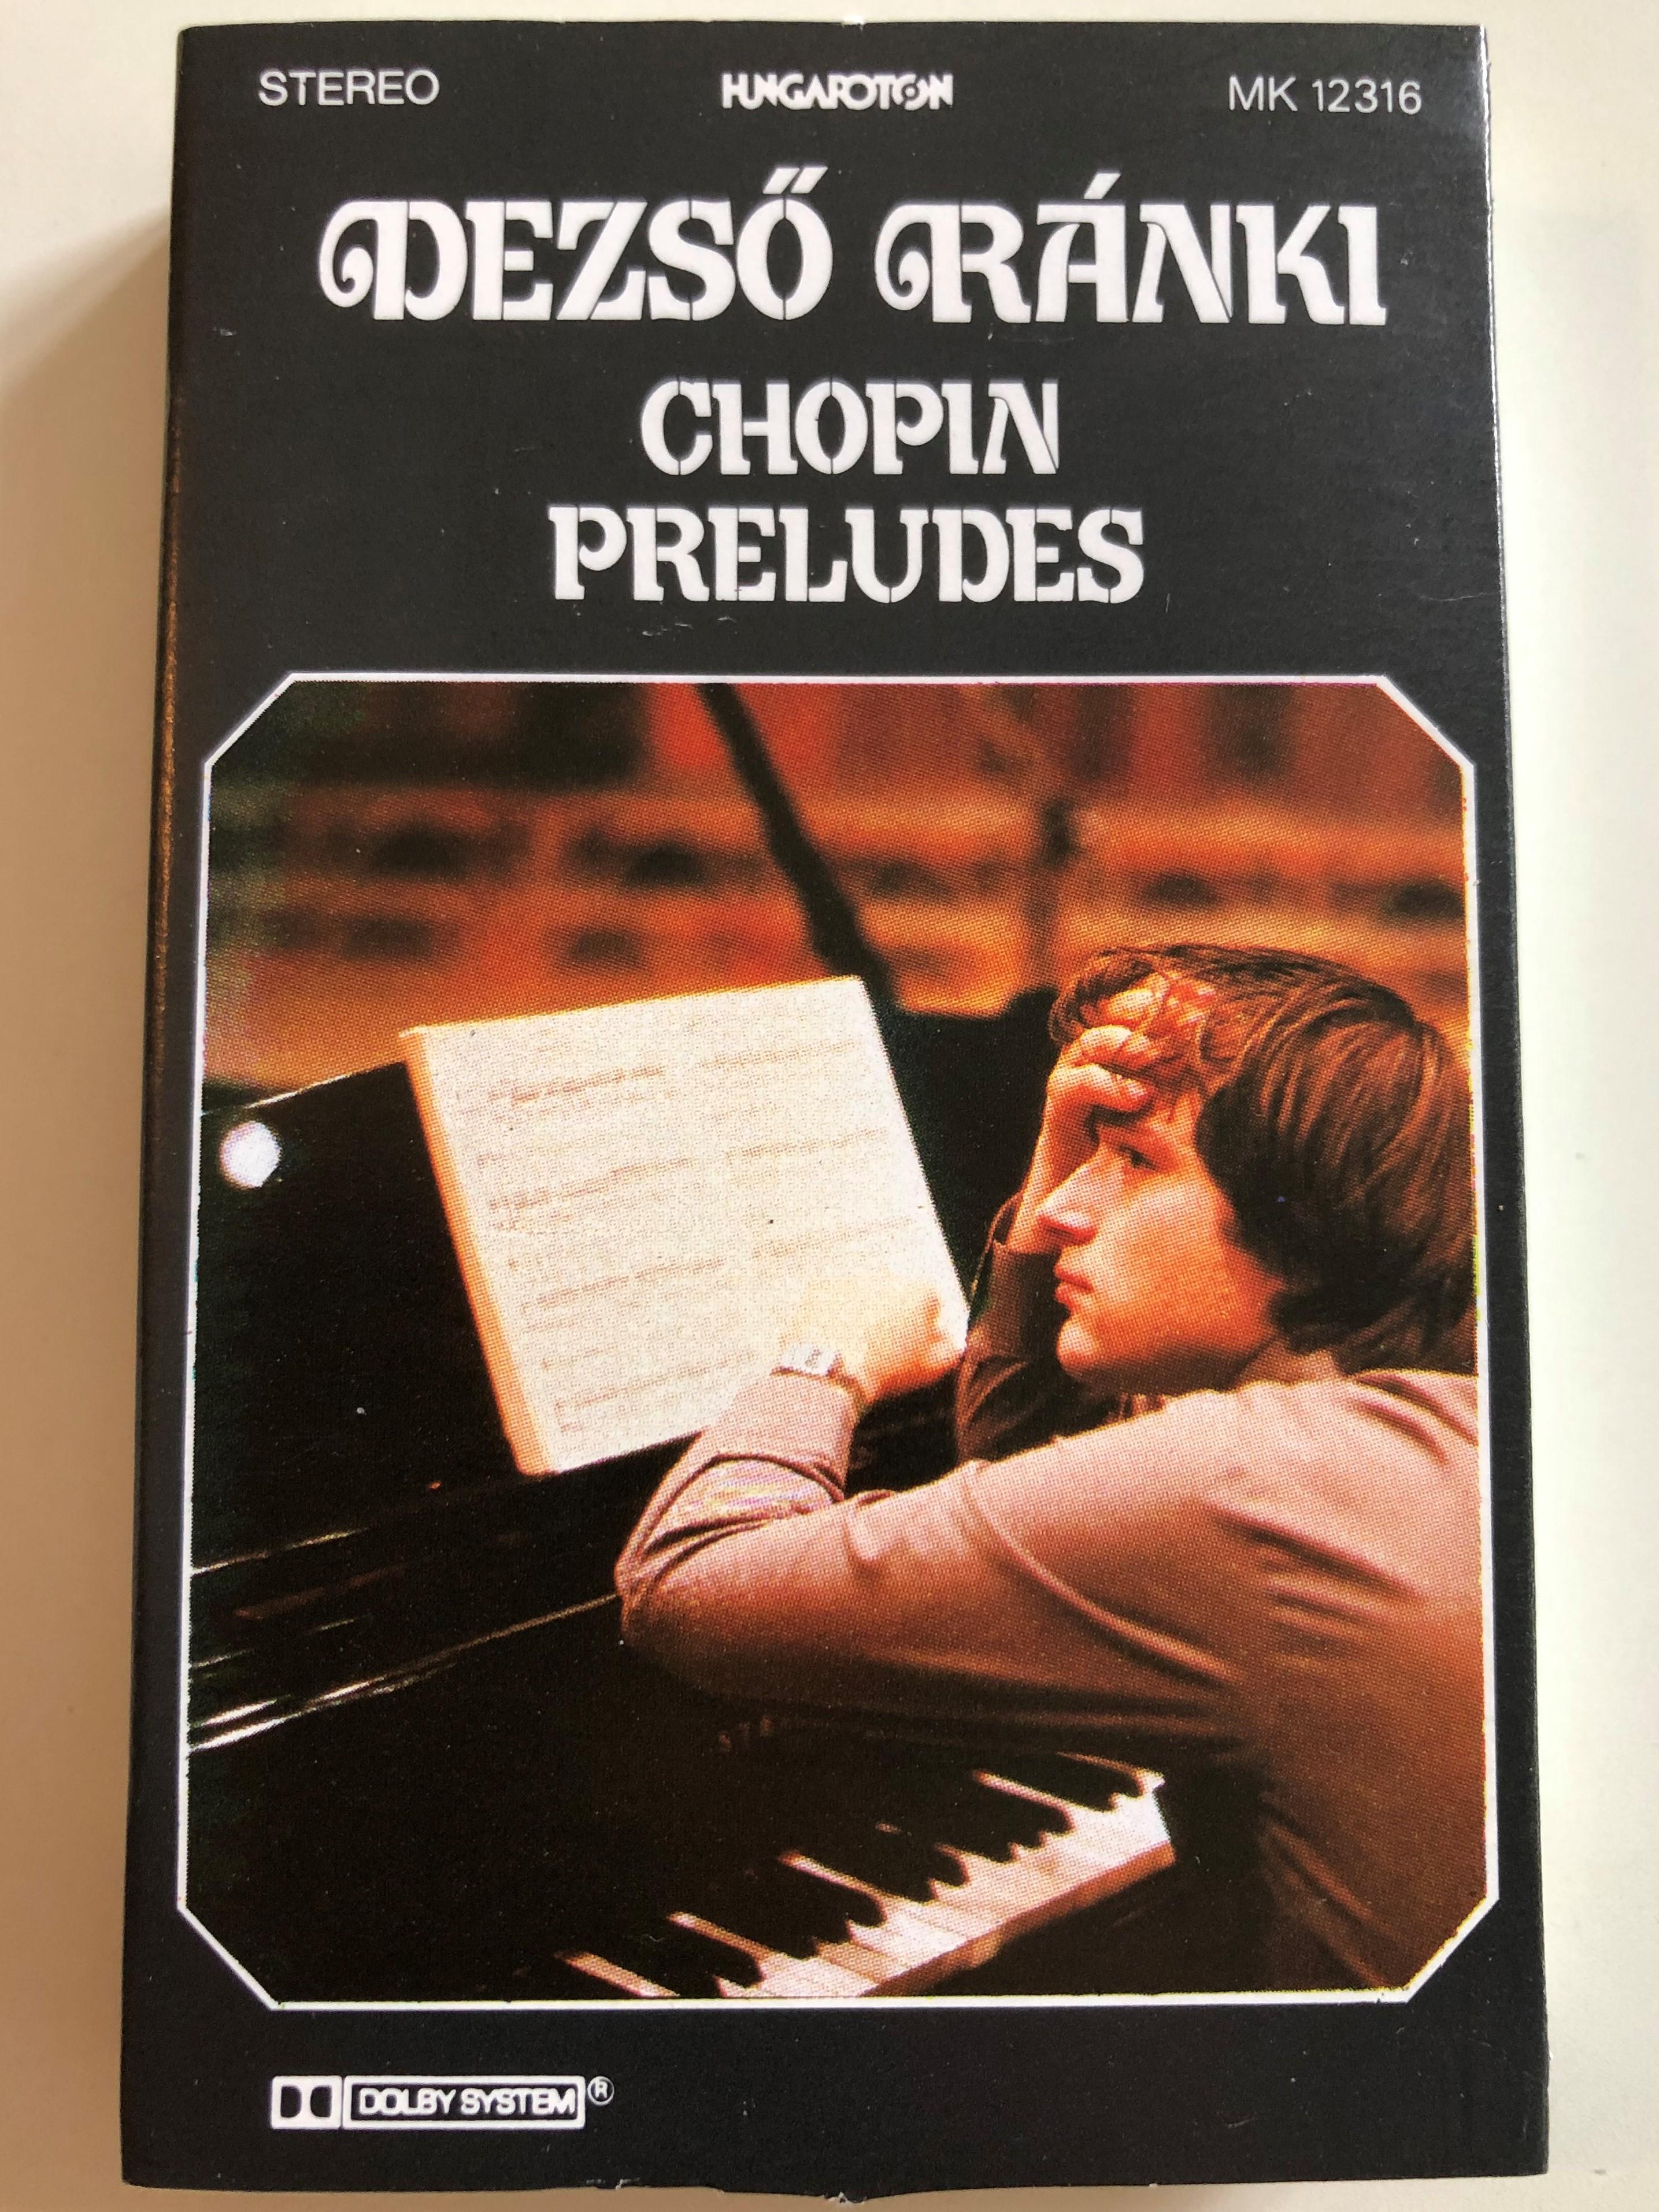 dezs-r-nki-chopin-preludes-hungaroton-cassette-stereo-mk-12316-1-.jpg